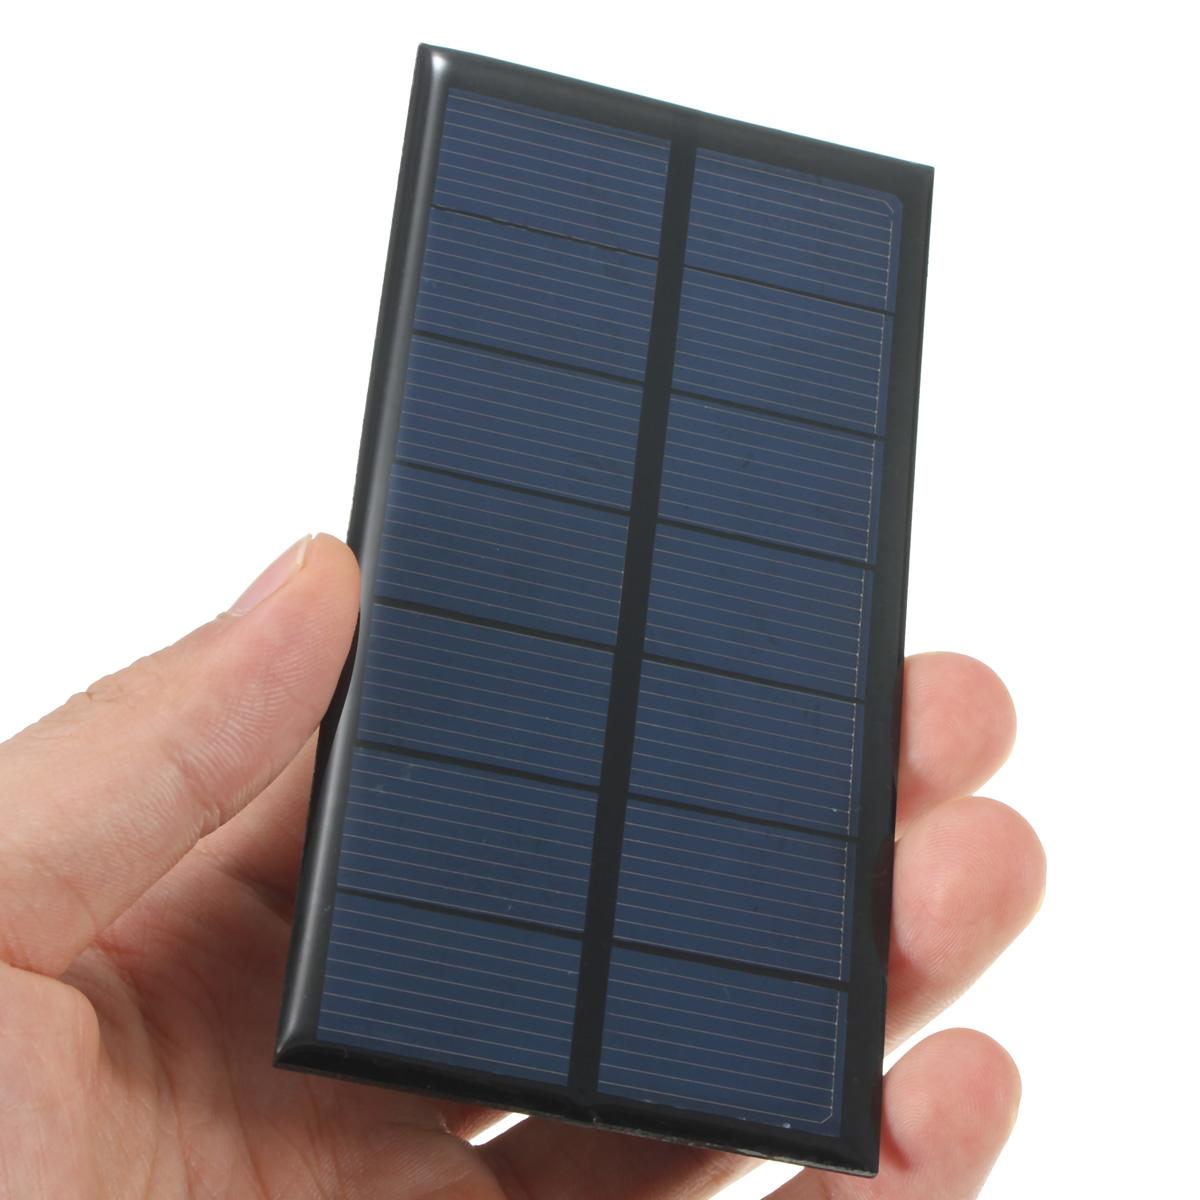 Pannello Solare Per Telefonino : V pannello solare fotovoltaico per auto